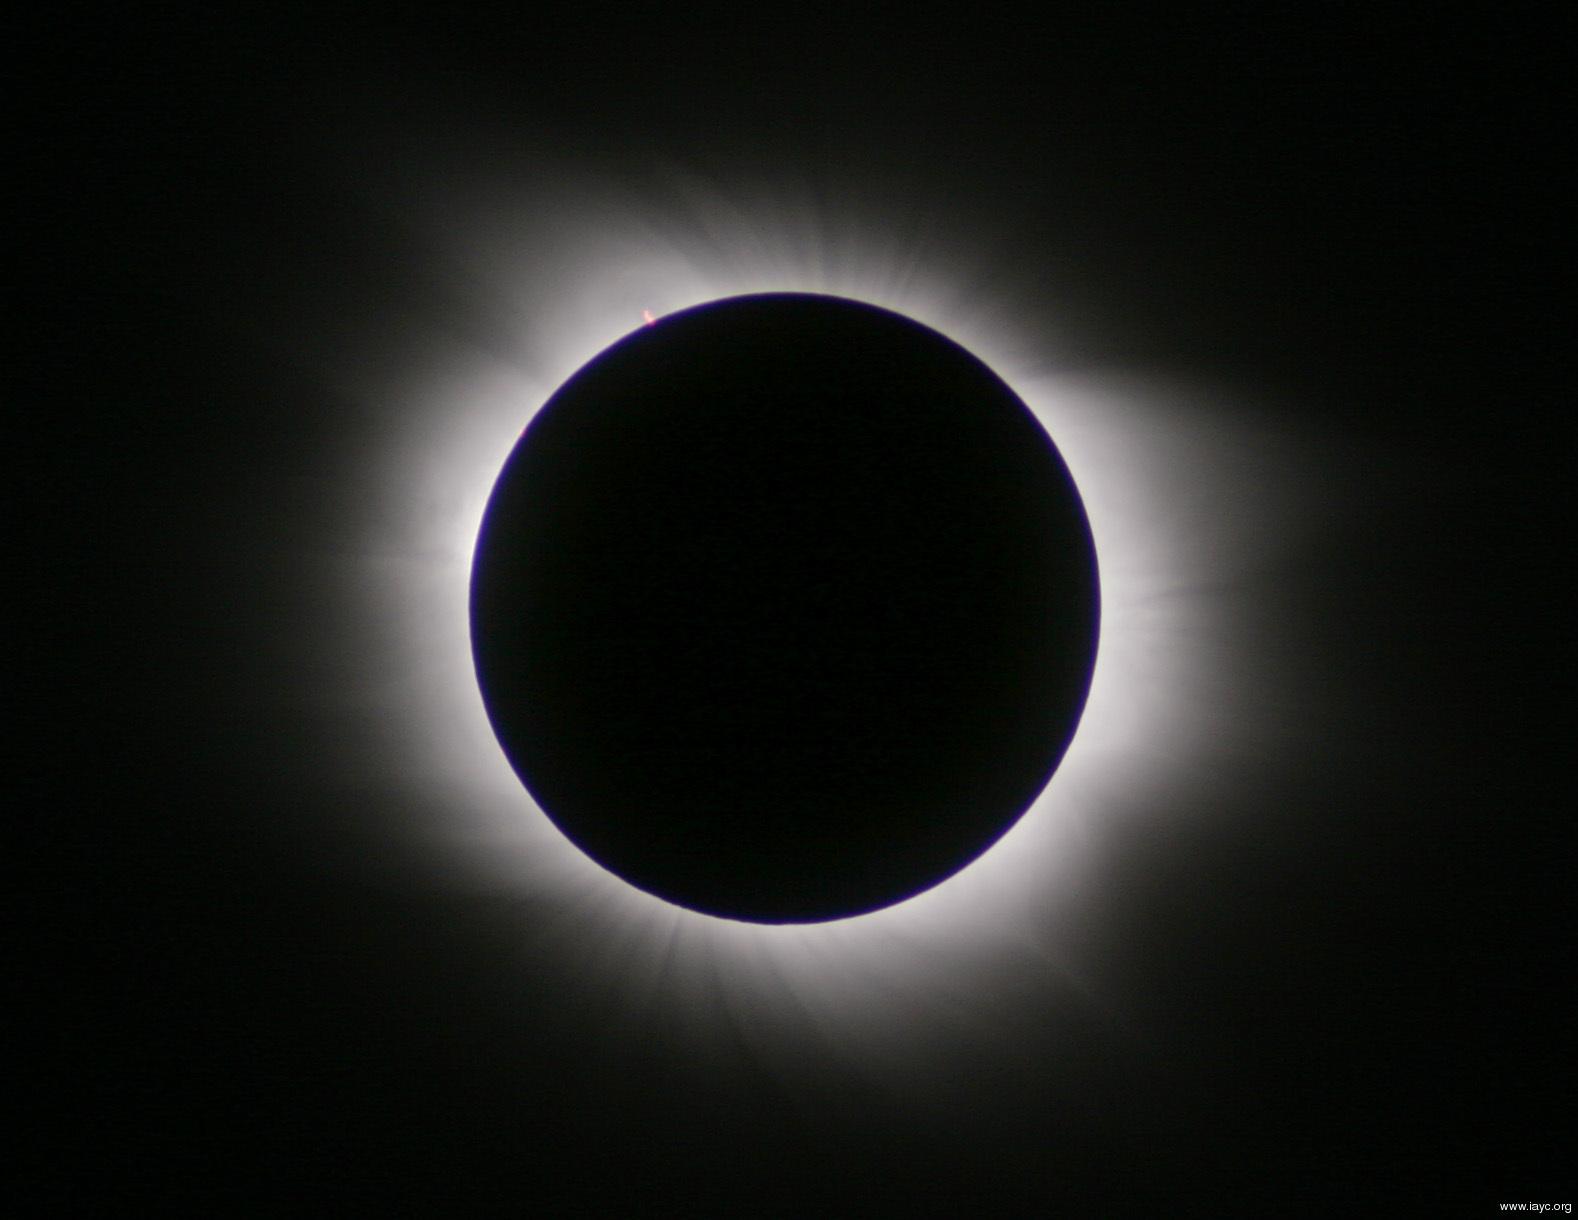 Сейчас происходит полное затмение Солнца